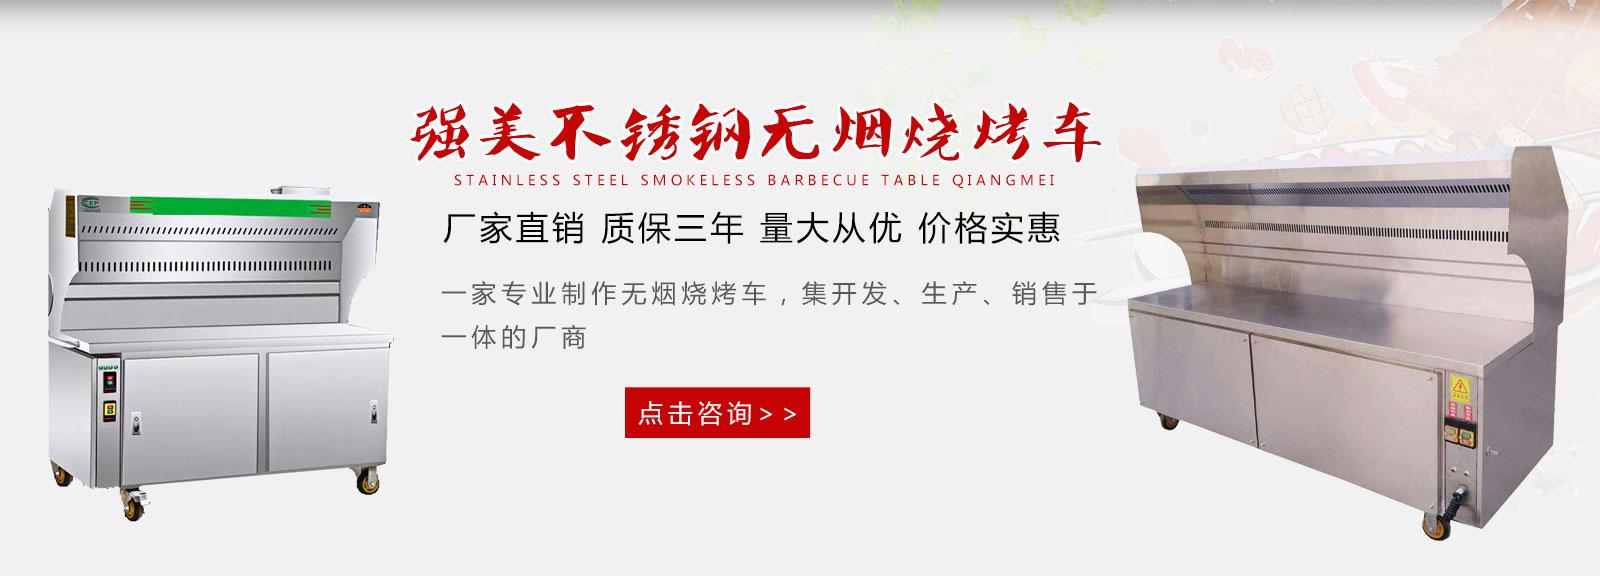 贵州净化烧烤车价格